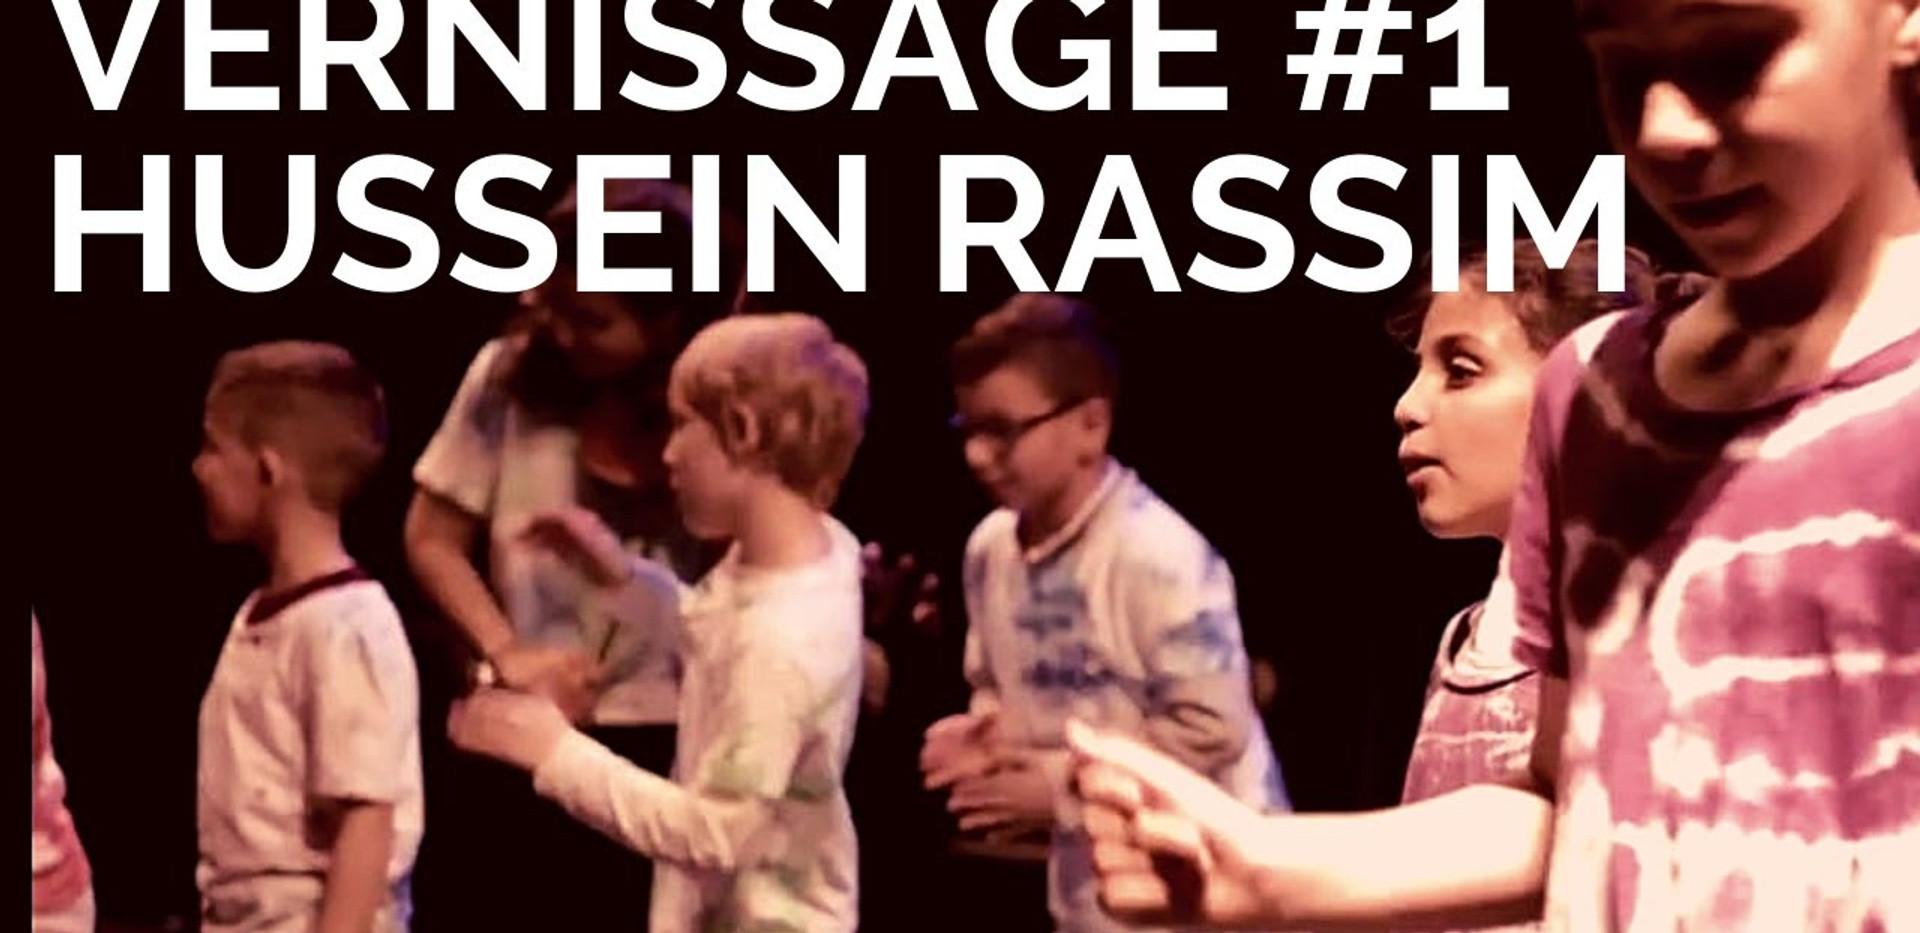 Vernissage Hussein Rassim & Amele Metlini | Foyer des Jeunes & Ecole 6 @ Maison des Cultures de Molenbeek